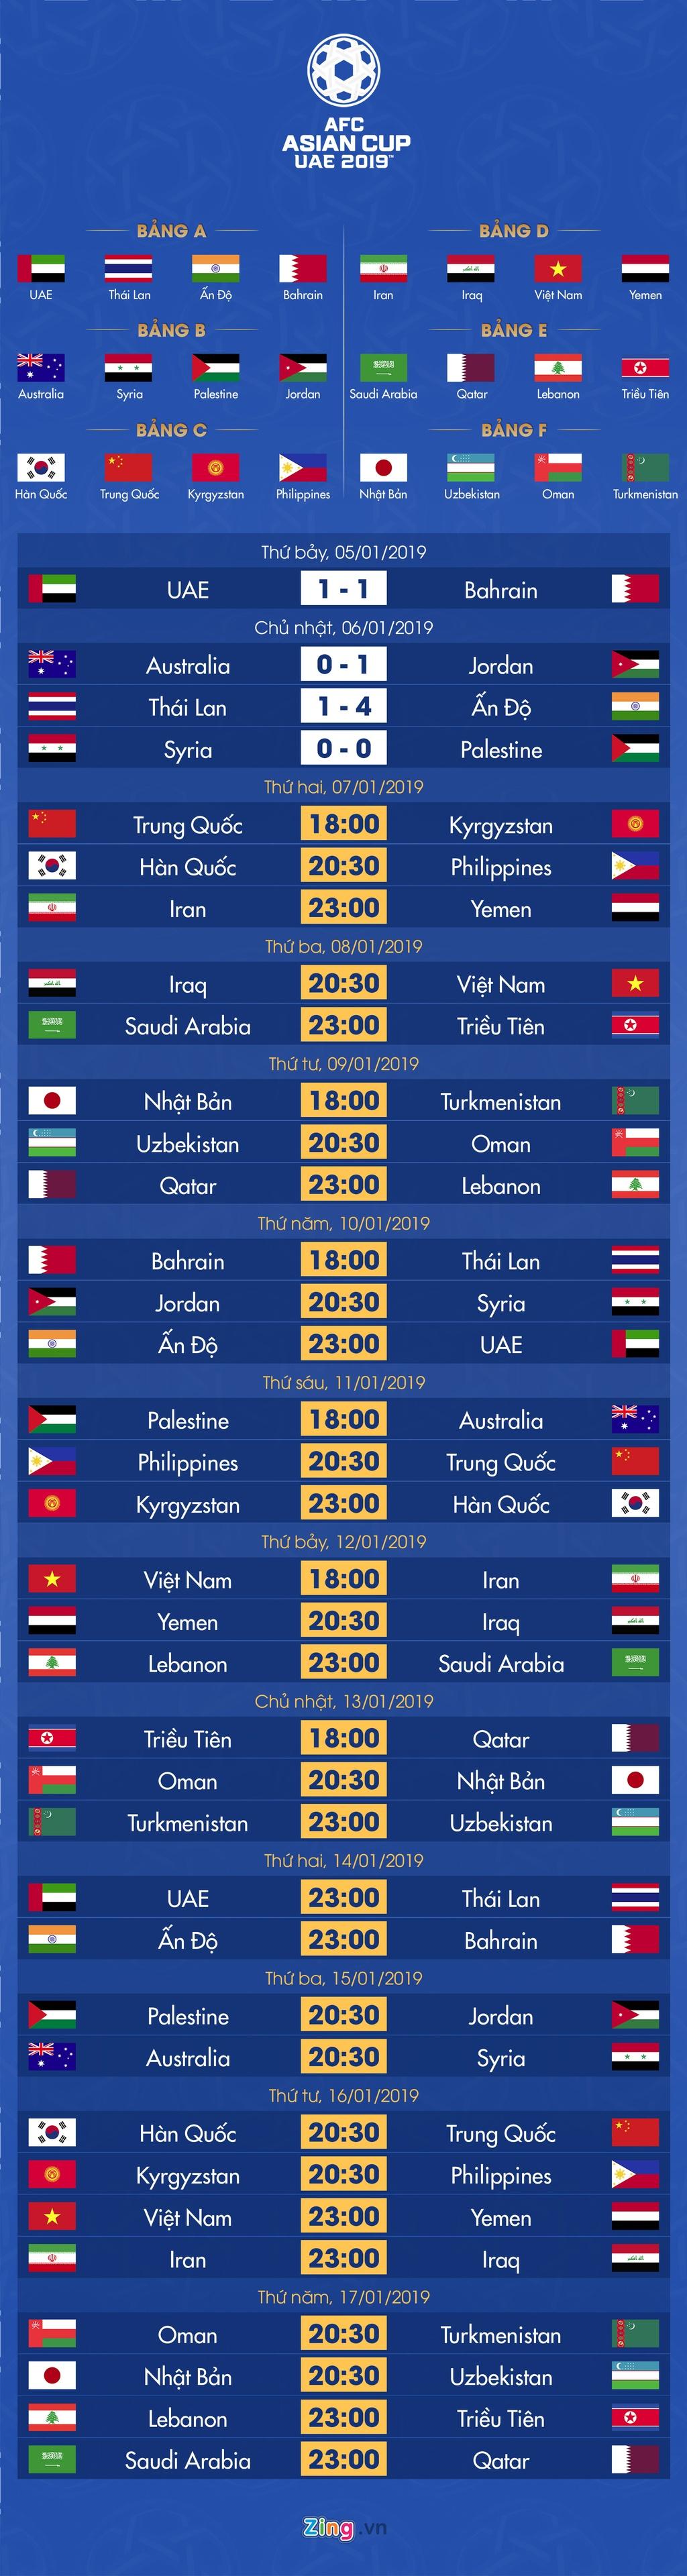 Lich thi dau va bang xep hang Asian Cup 2019 ngay 7/1 hinh anh 1